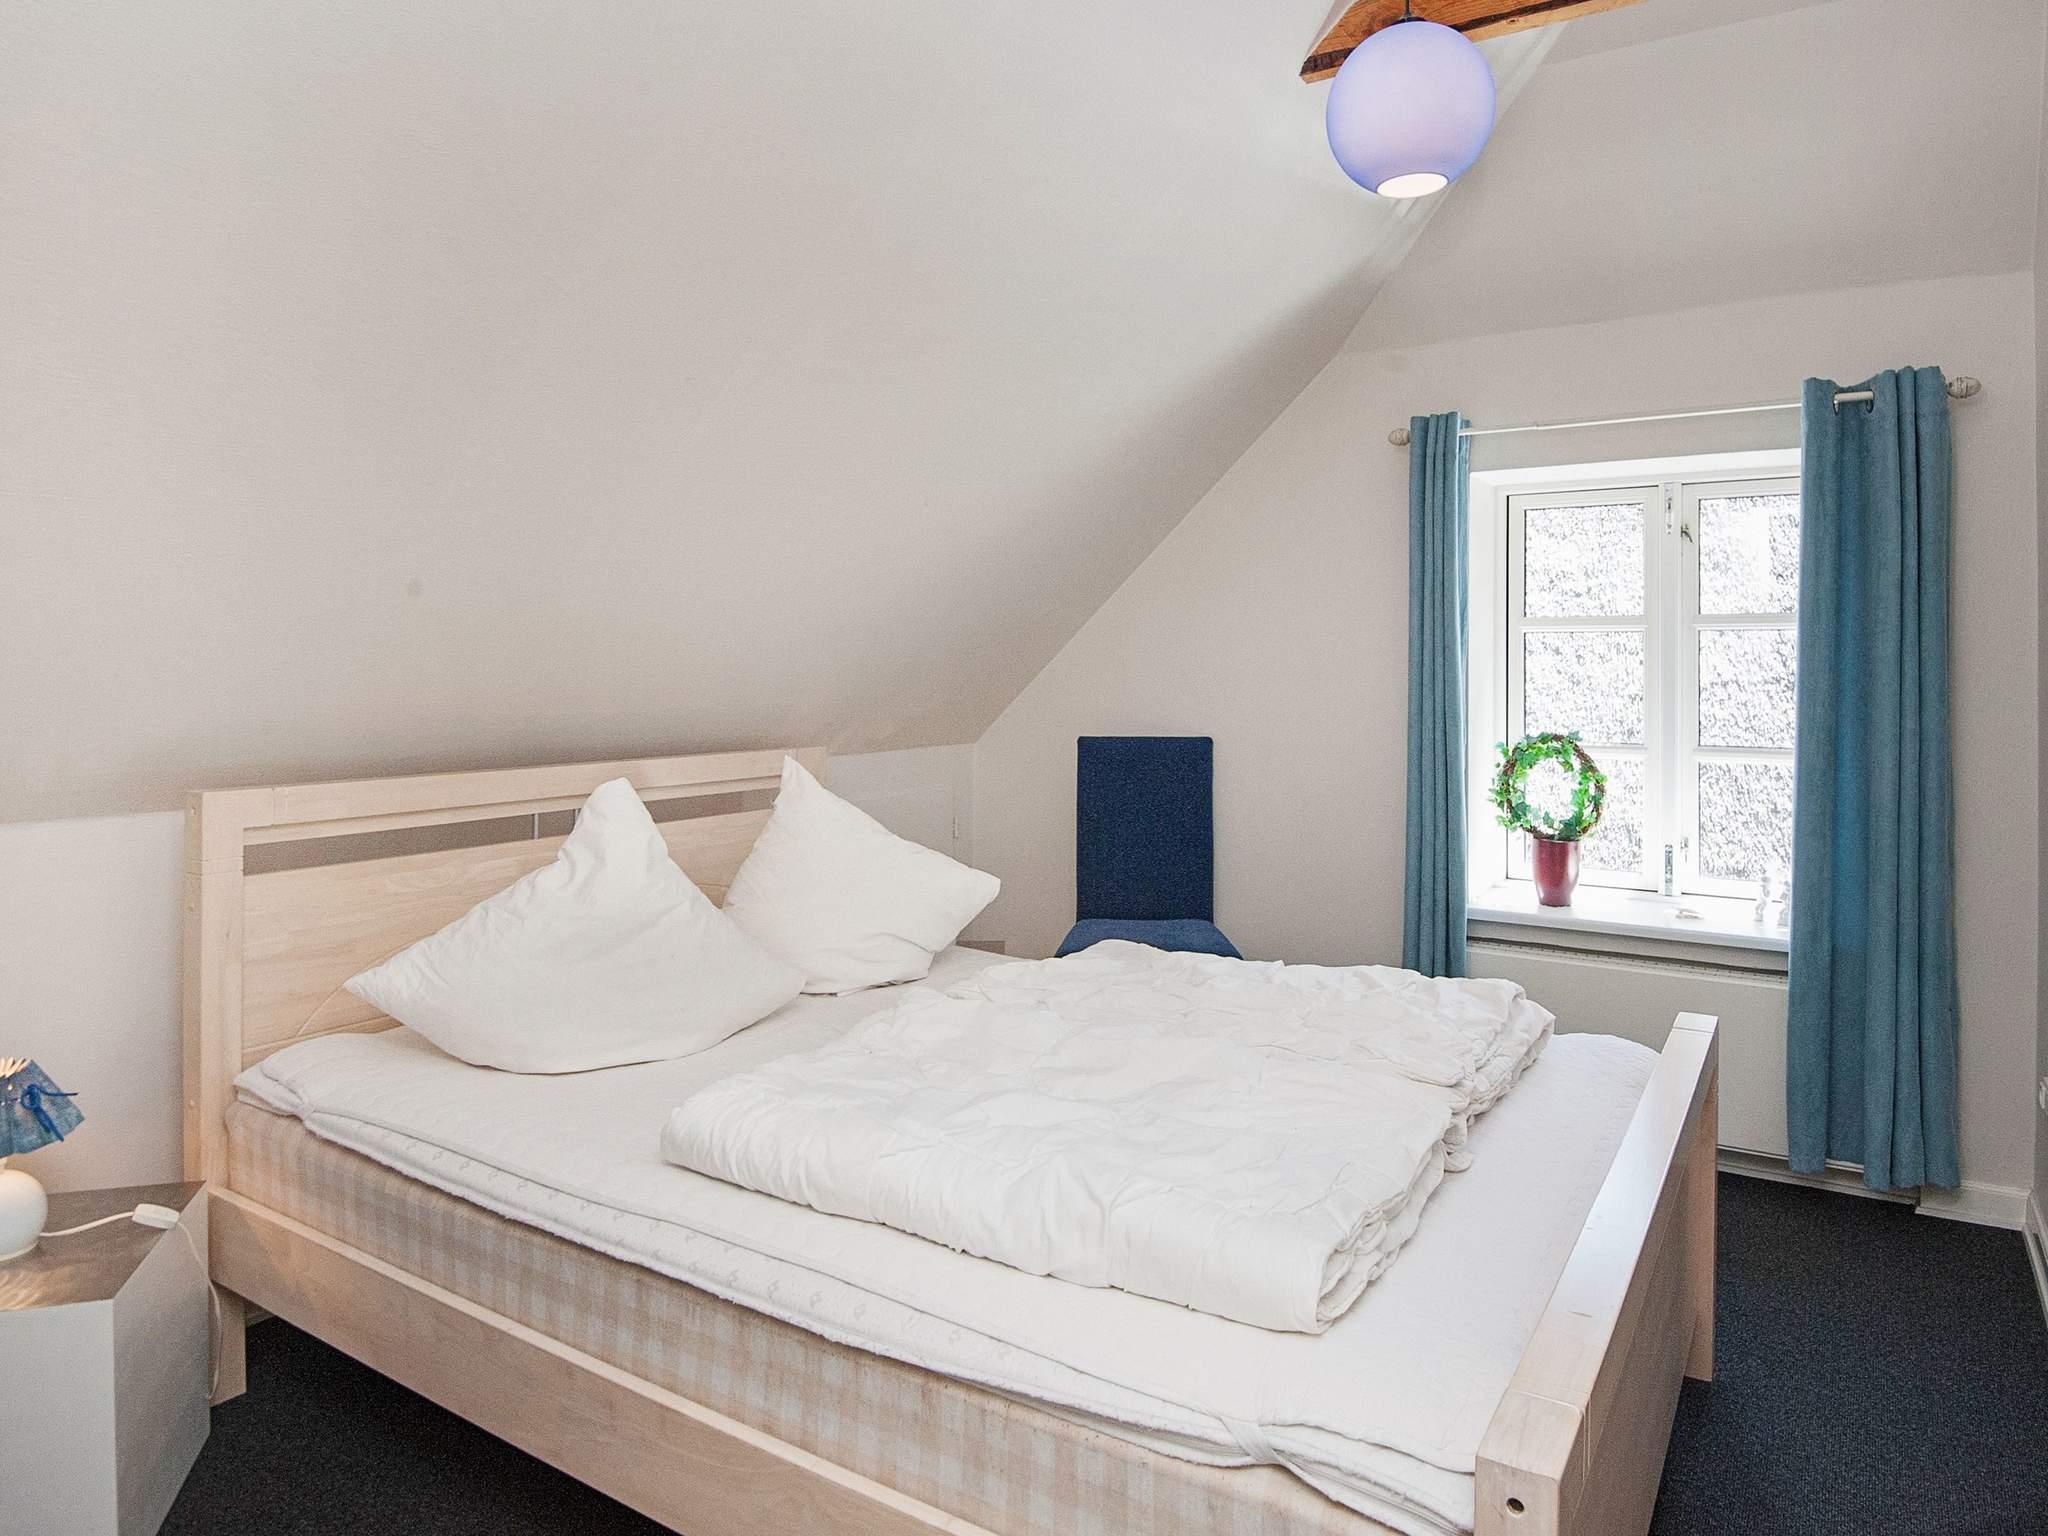 Ferienhaus St. Darum (86425), Bramming, , Südjütland, Dänemark, Bild 17